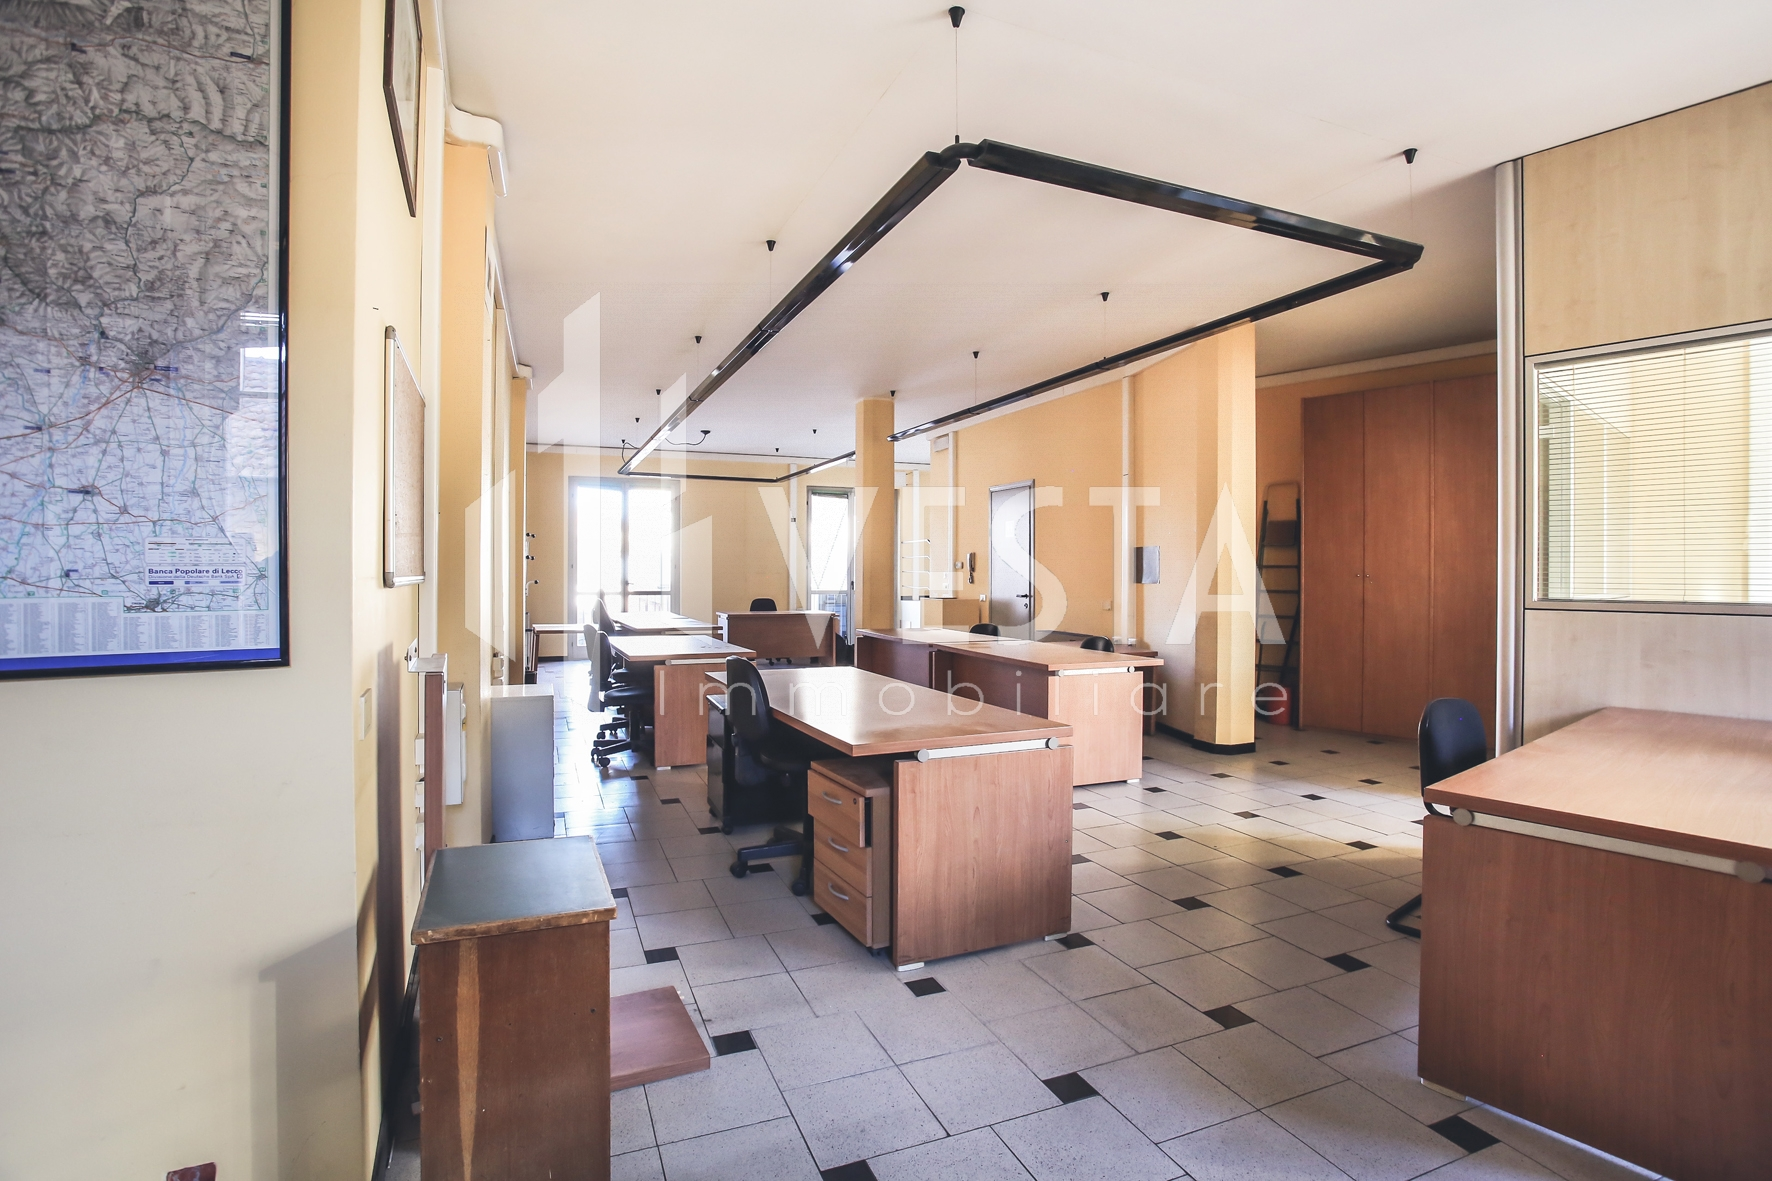 Ufficio / Studio in affitto a Merate, 9999 locali, zona Località: CENTRO, prezzo € 800 | CambioCasa.it